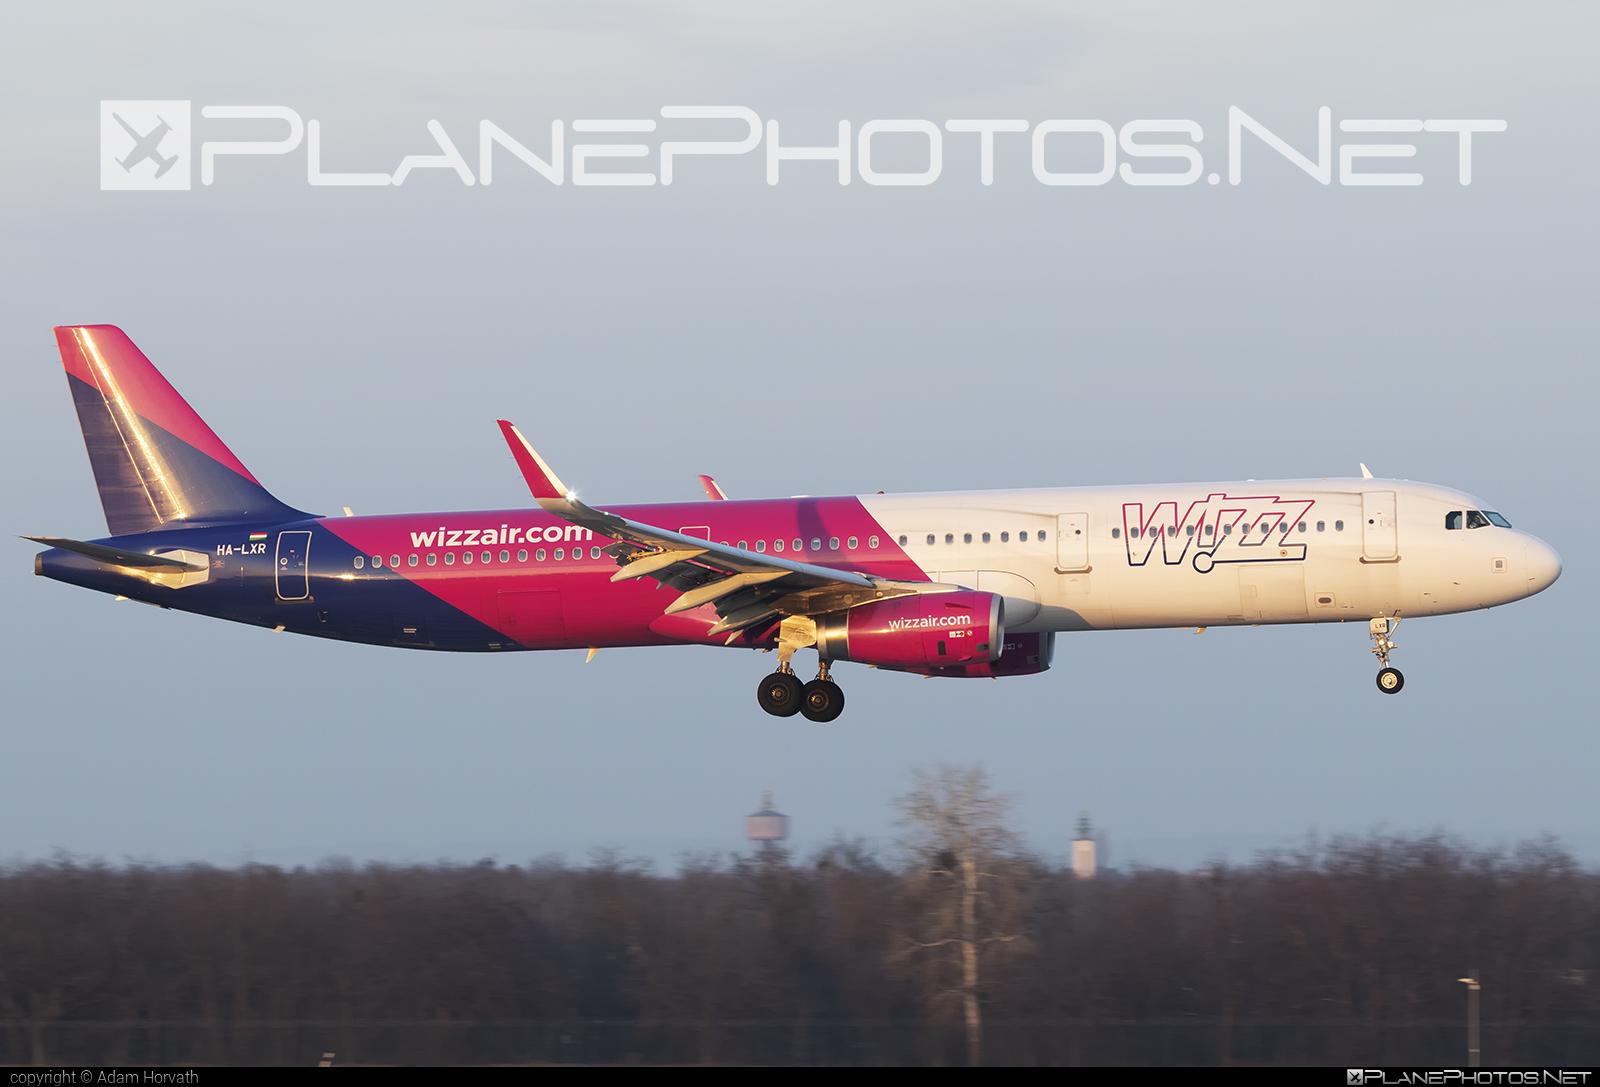 Wizz Air Airbus A321-231 - HA-LXR #a320family #a321 #airbus #airbus321 #wizz #wizzair